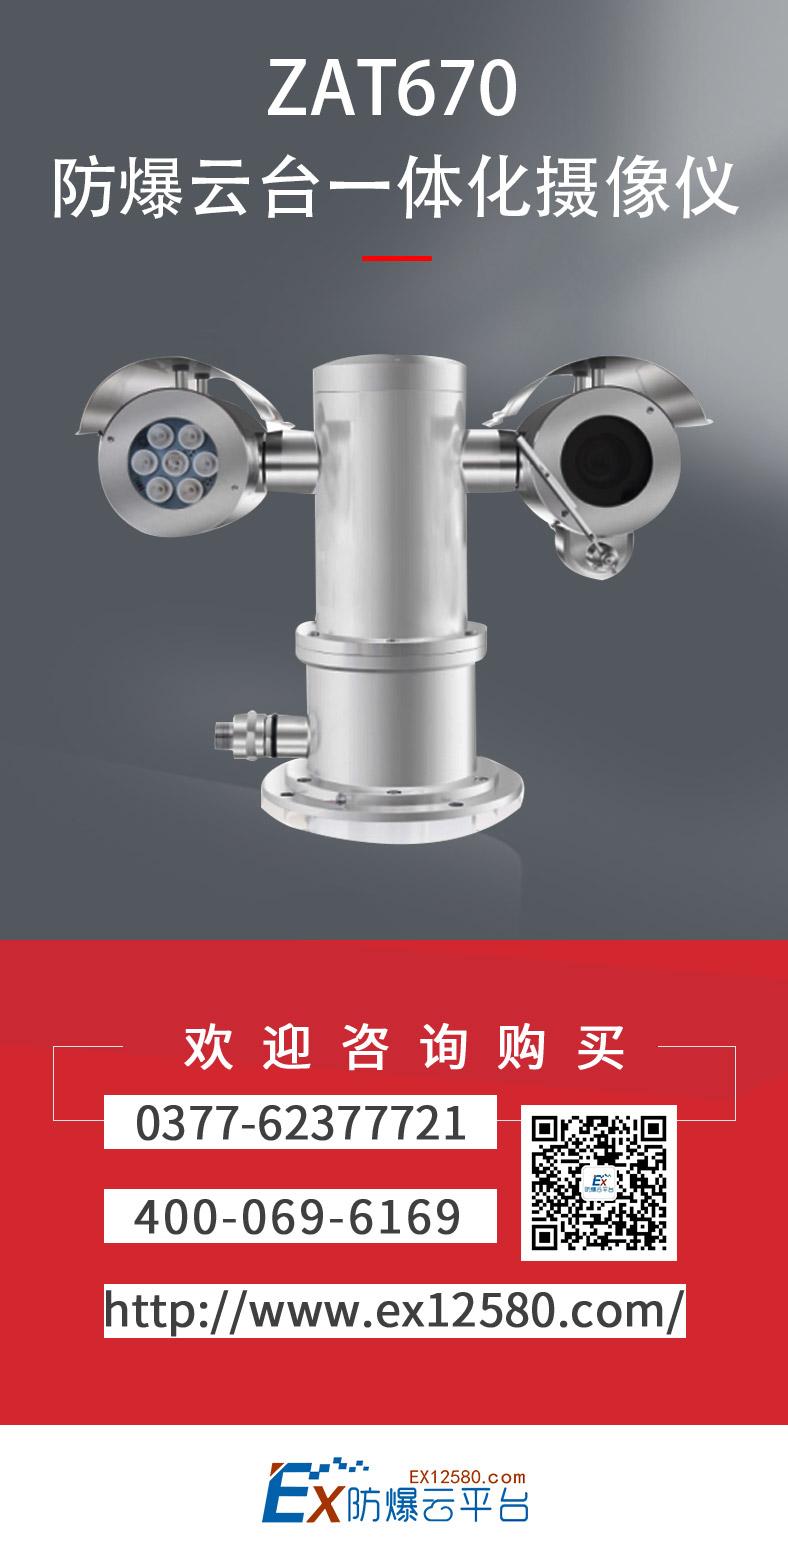 ZAT670防爆云台一体化摄像仪